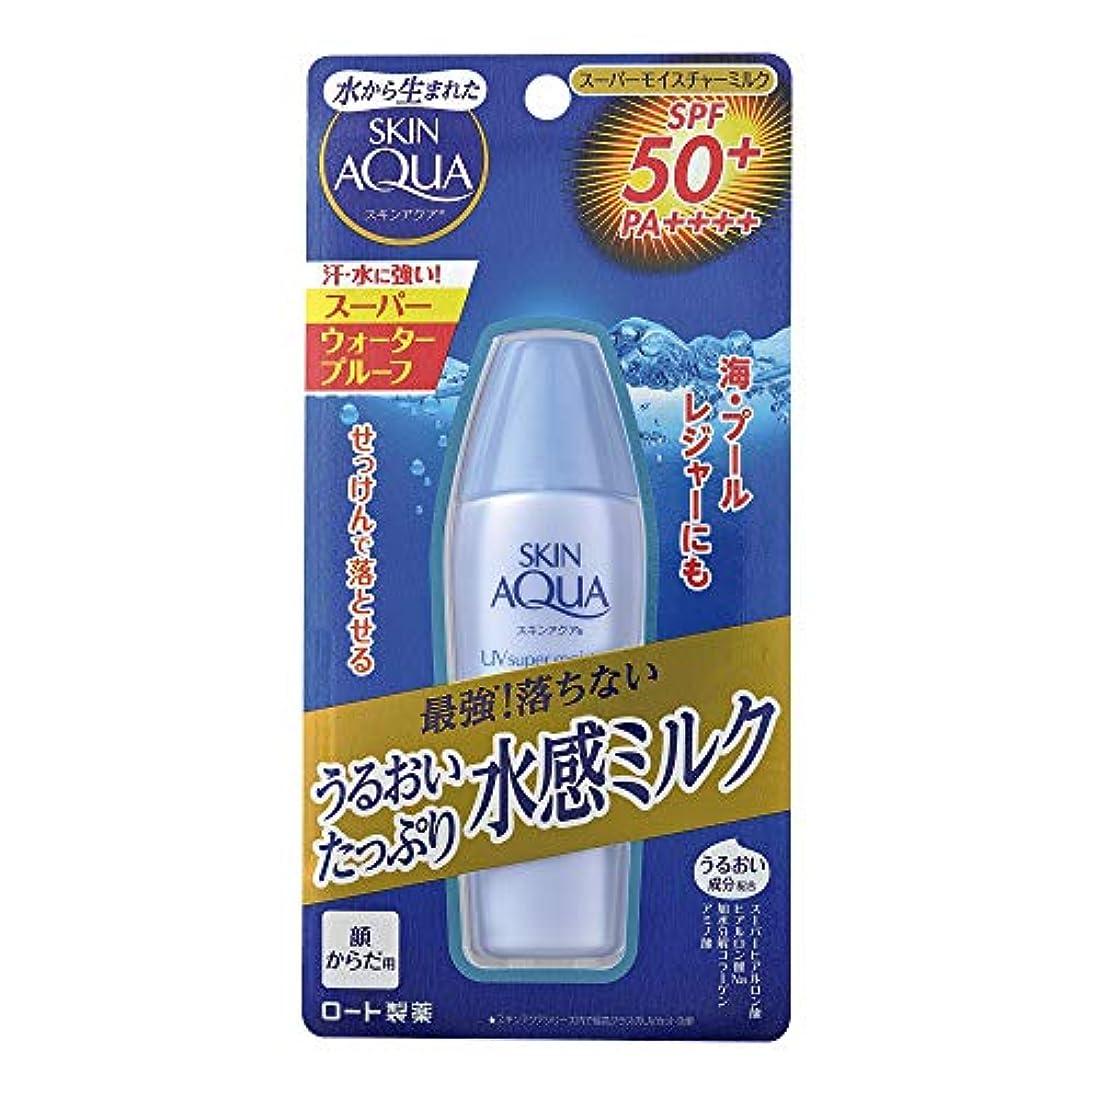 バース険しい寄り添うスキンアクア (SKIN AQUA) 日焼け止め スーパーモイスチャーミルク 潤い成分4種配合 水感ミルク (SPF50 PA++++) 40mL ※スーパーウォータープルーフ